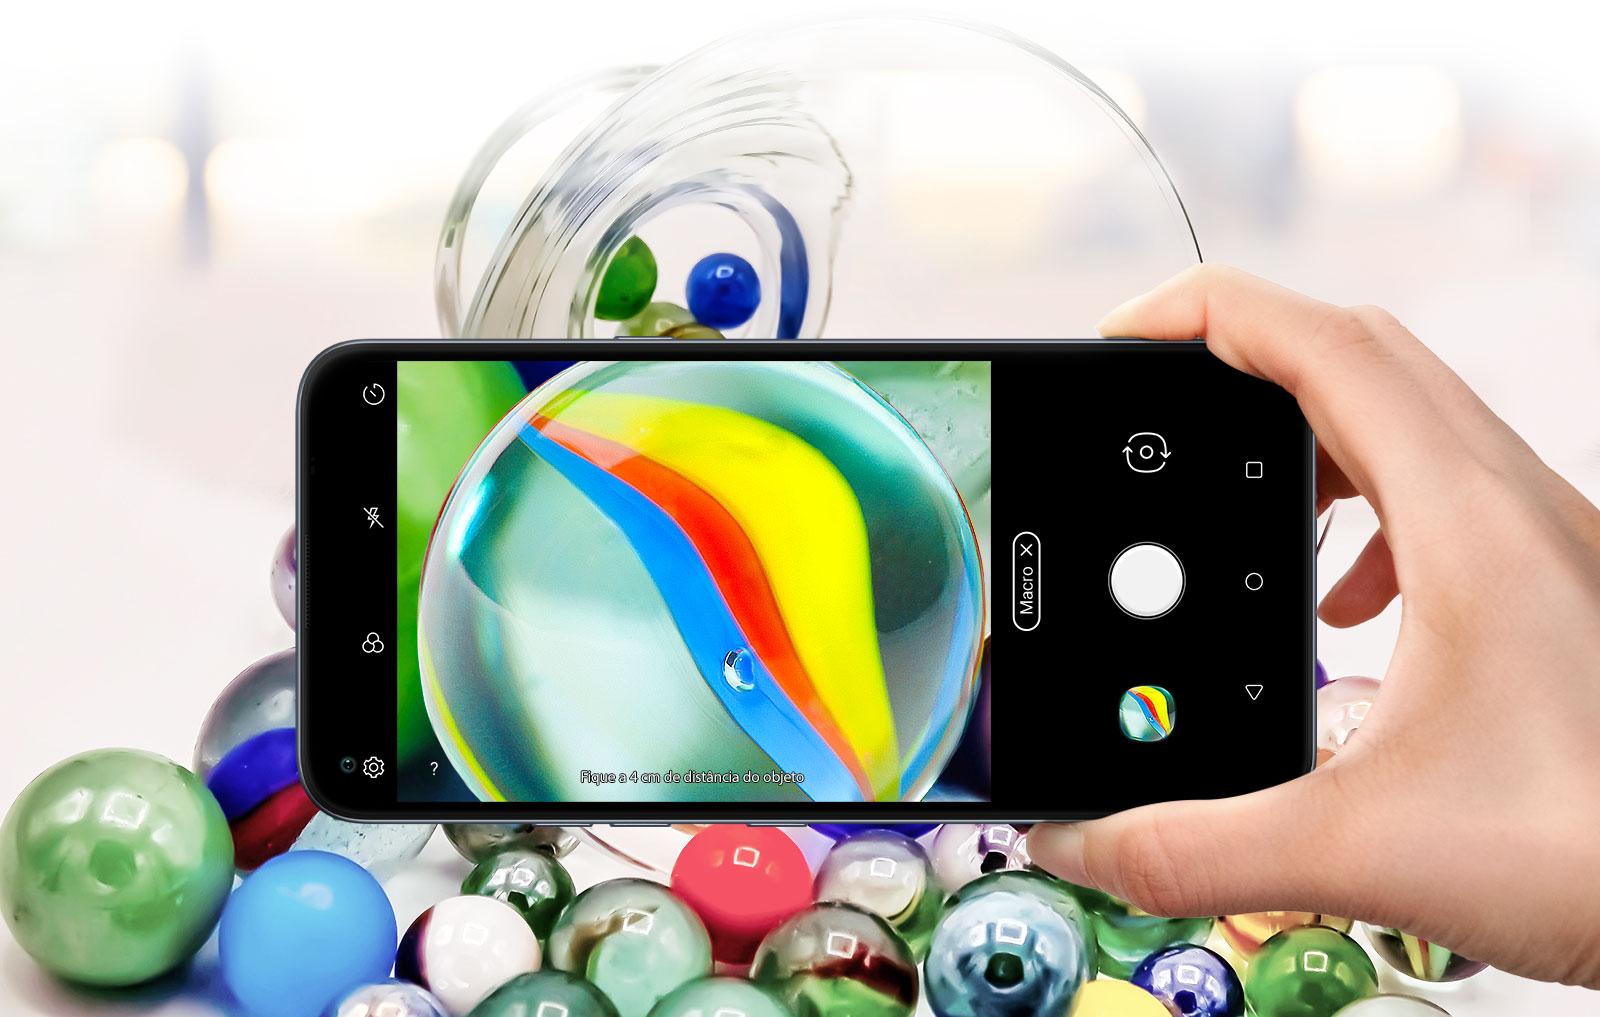 Close de alguém segurando um smartphone e fotografando bolas de gude